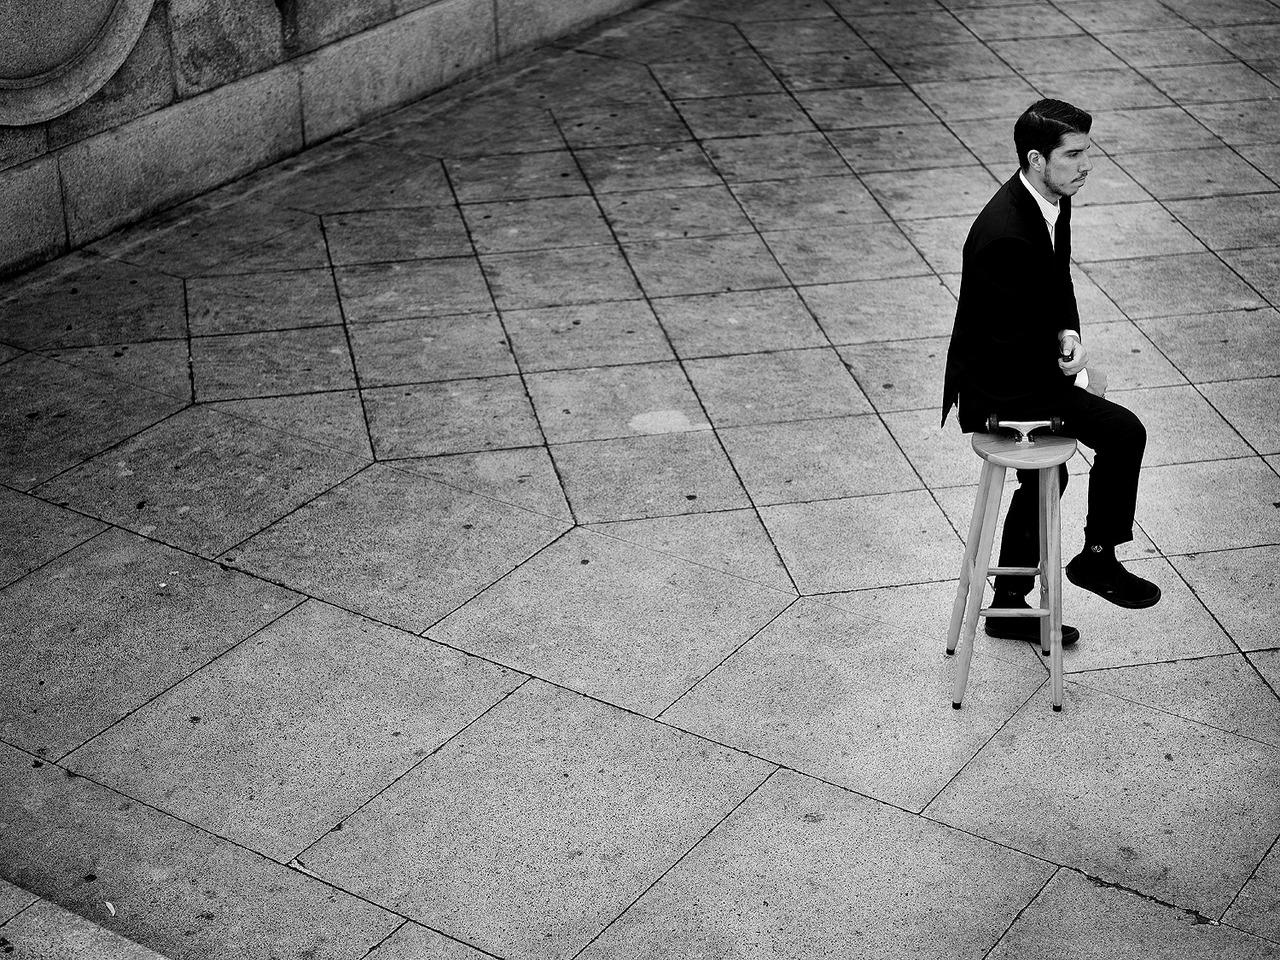 【滑板文艺】巴西摄影师Fabiano Rodrigues-街看